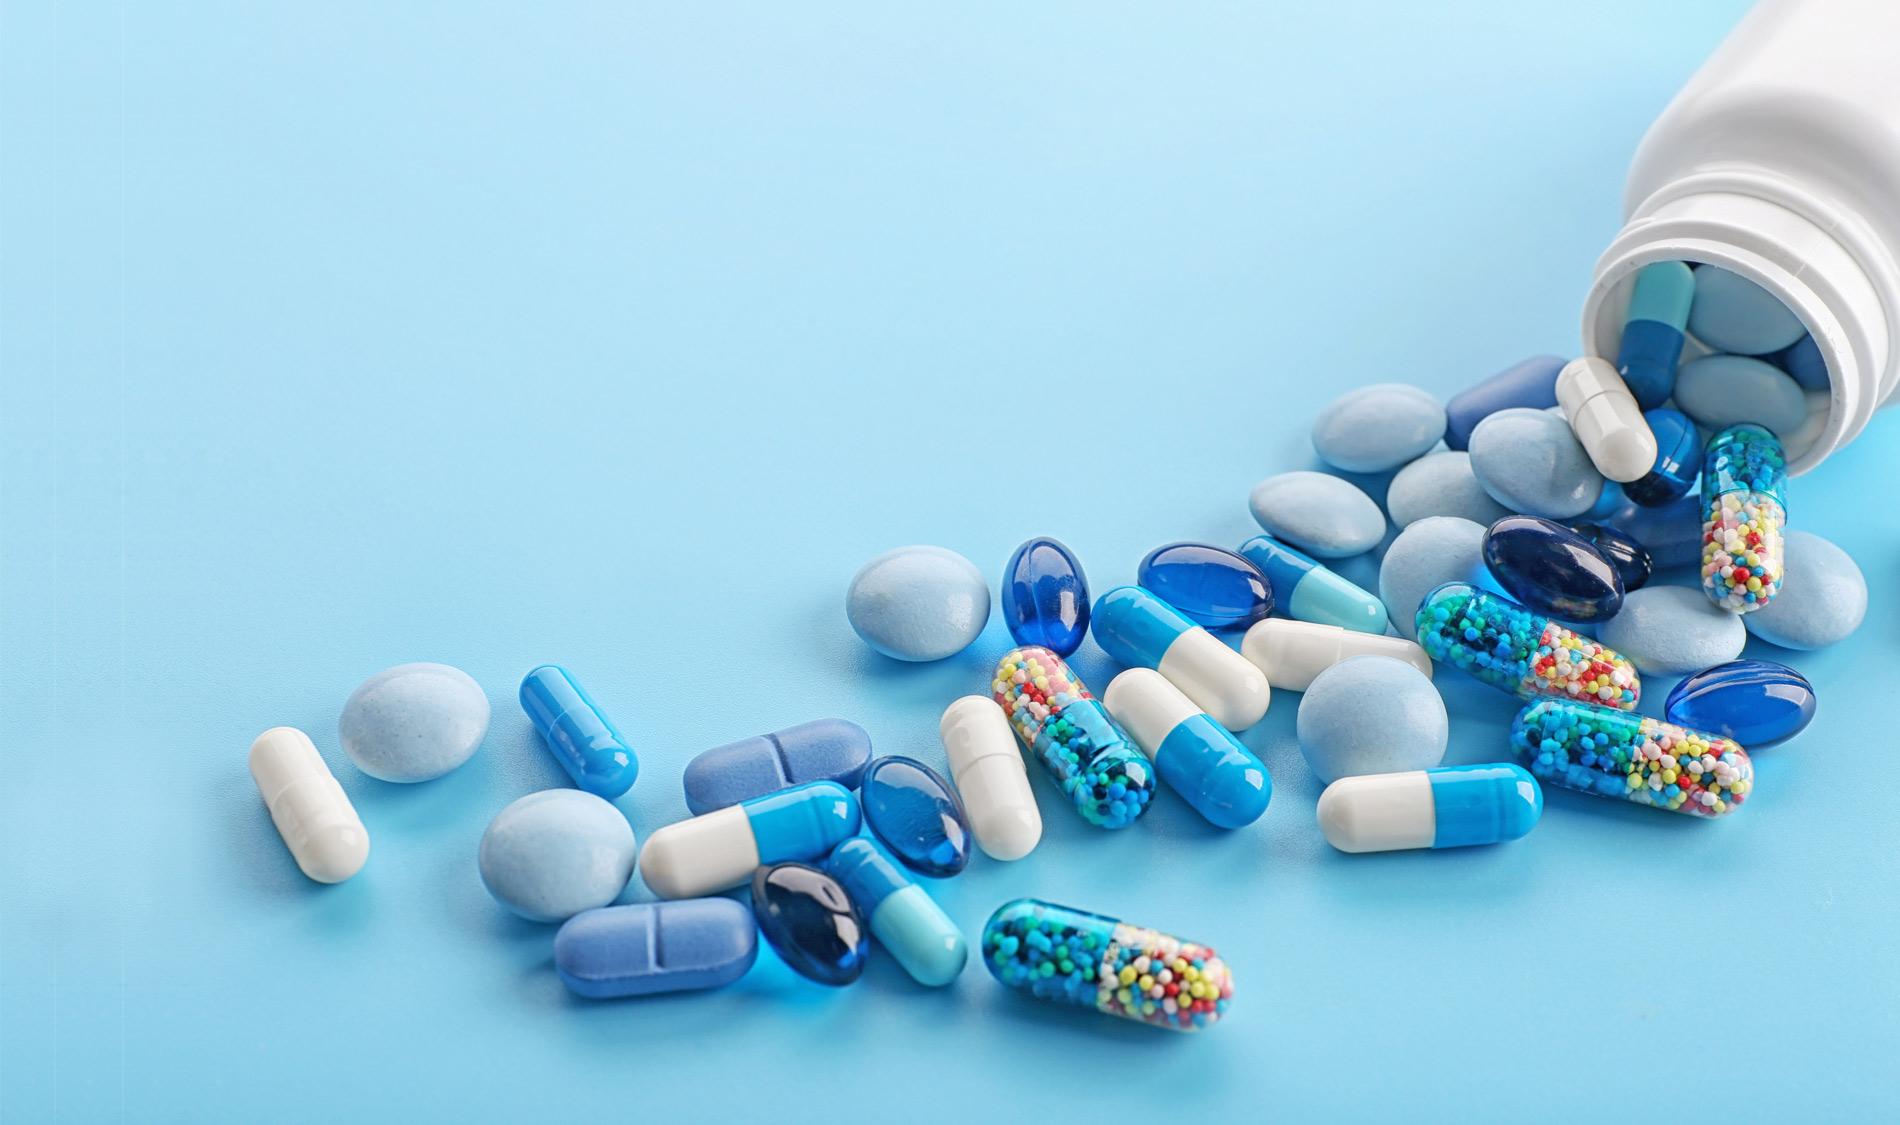 картинки на тему лекарств странице представлены готовые